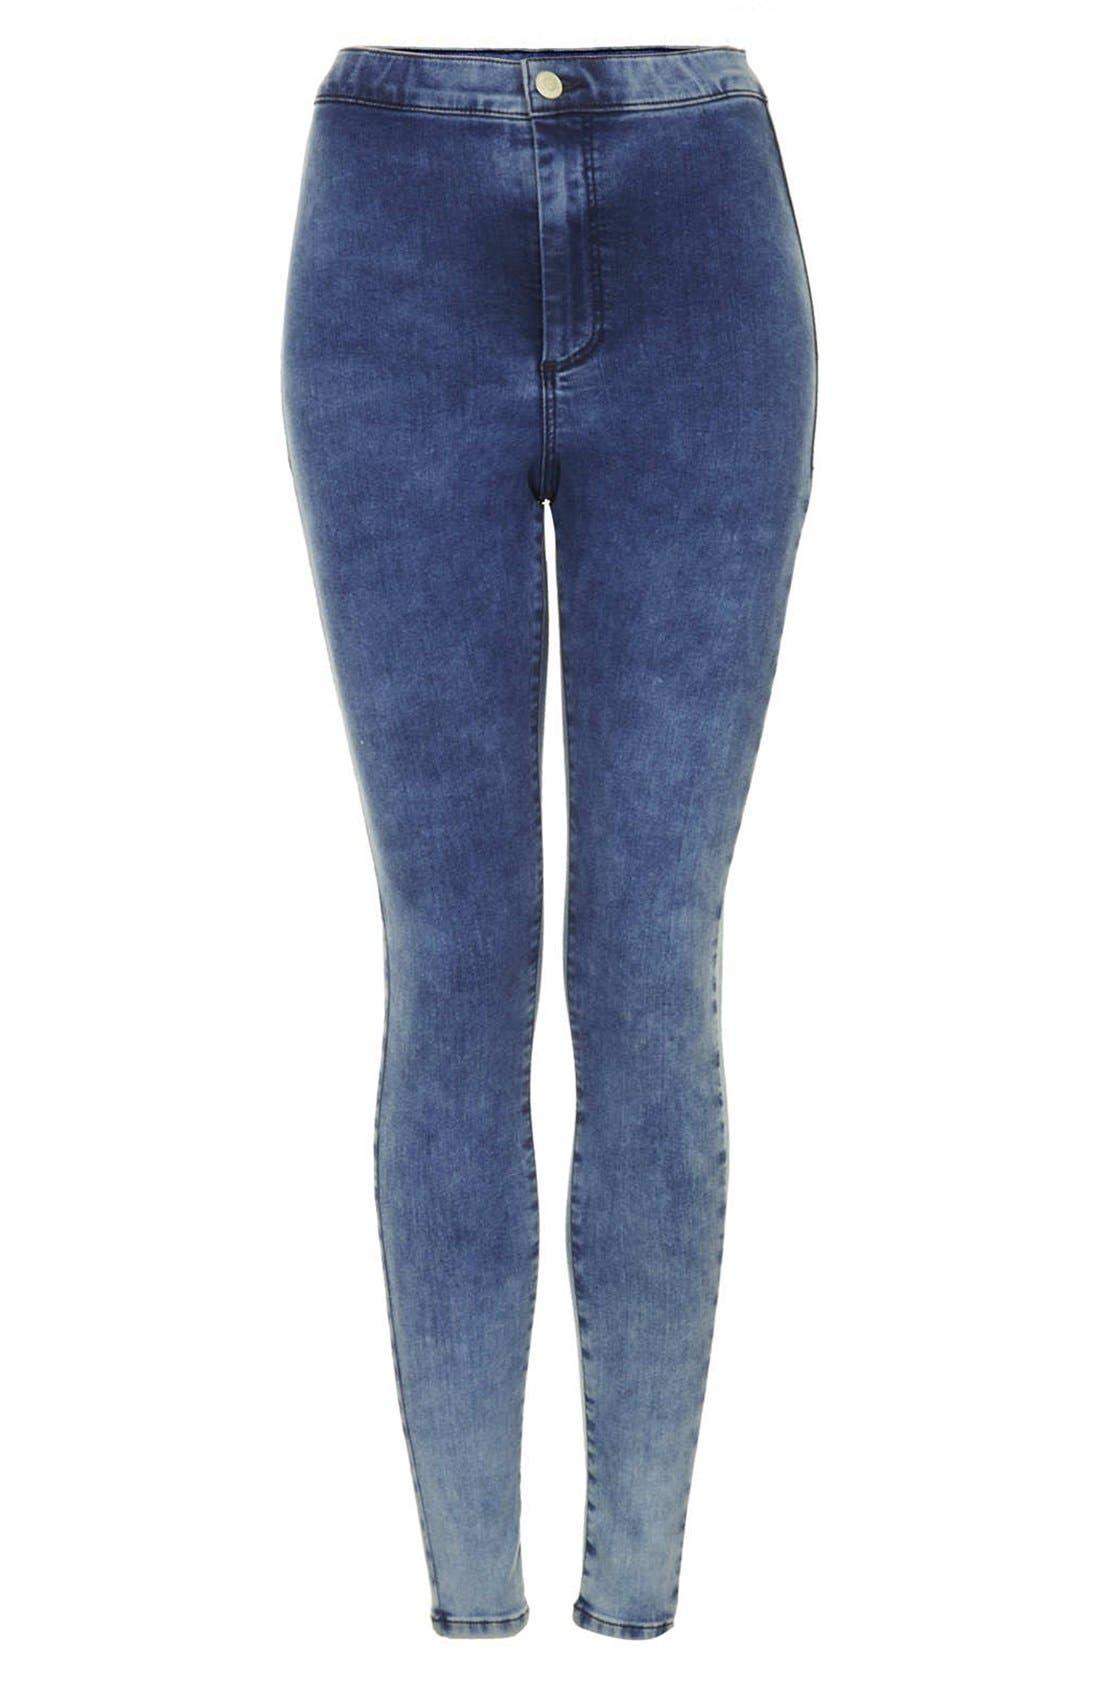 Alternate Image 3  - Topshop Moto 'Joni' High Rise Mottled Skinny Jeans (Short) (Bleach Stone)